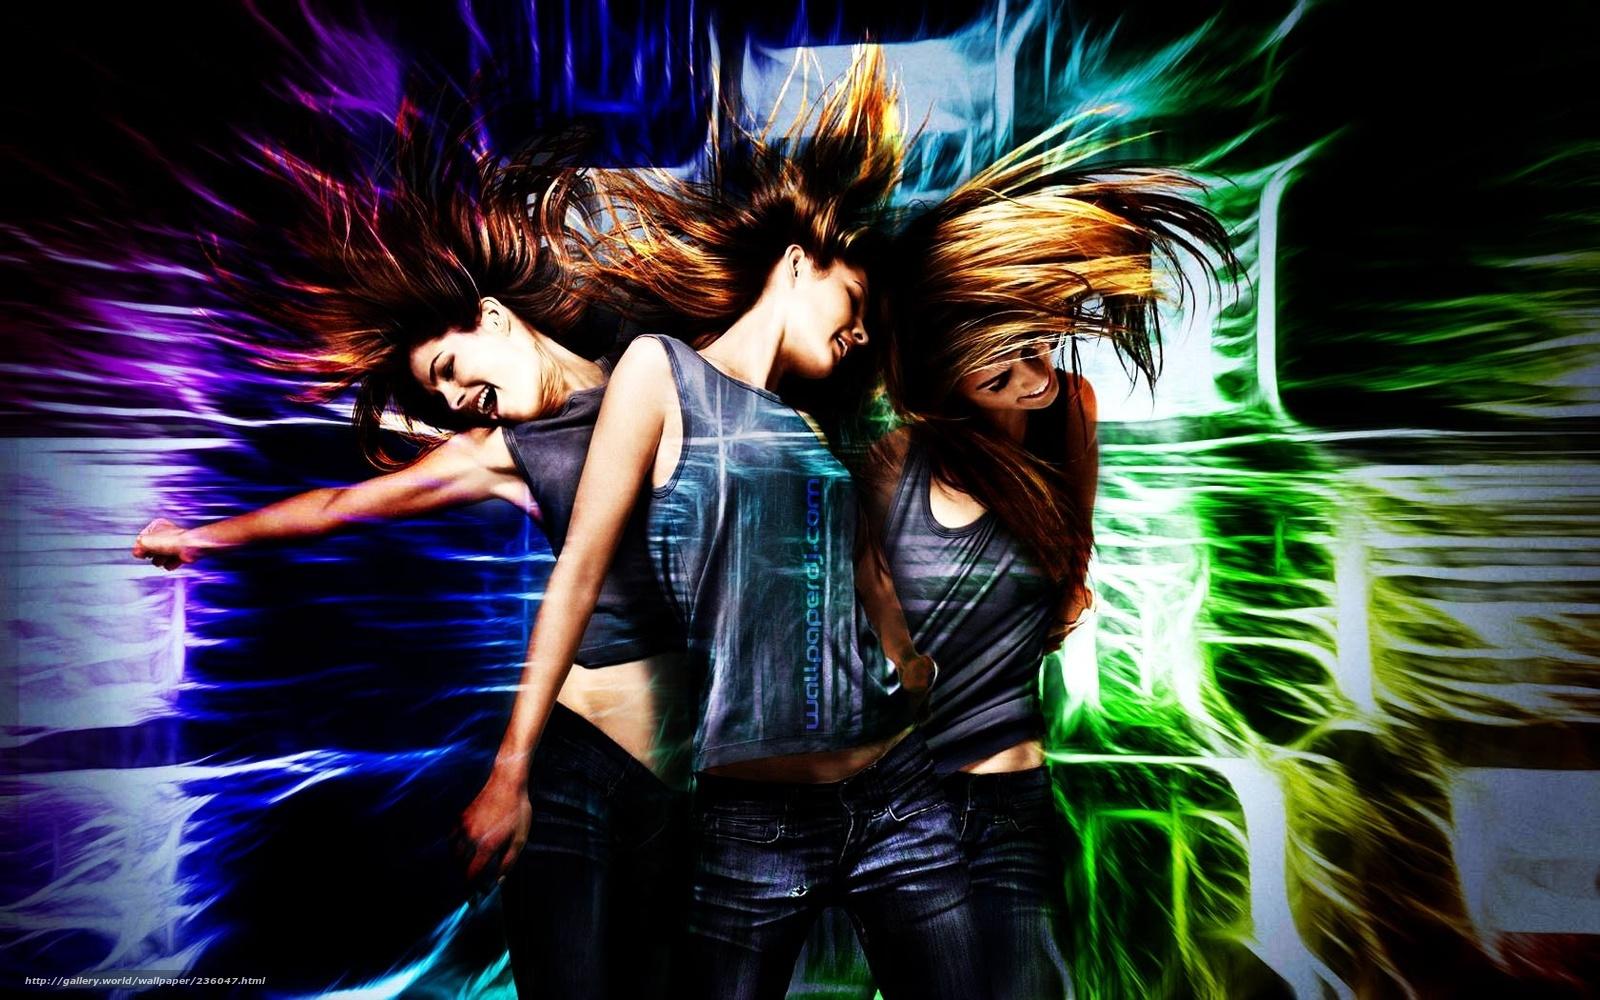 Ролик танцующие сибирские девушки 7 фотография